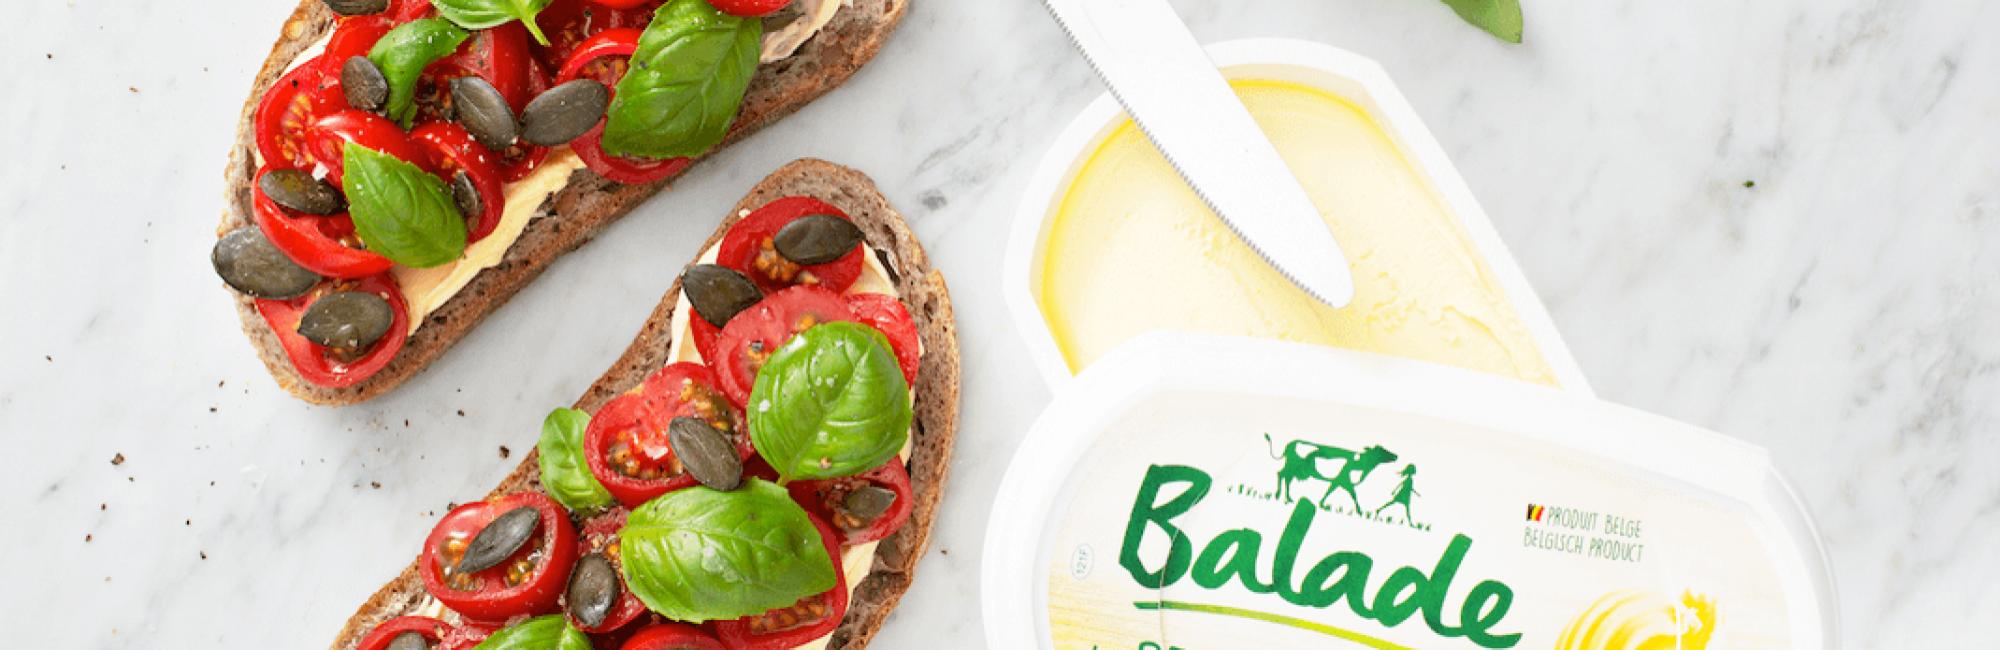 Boterham met tomaat en basilicum